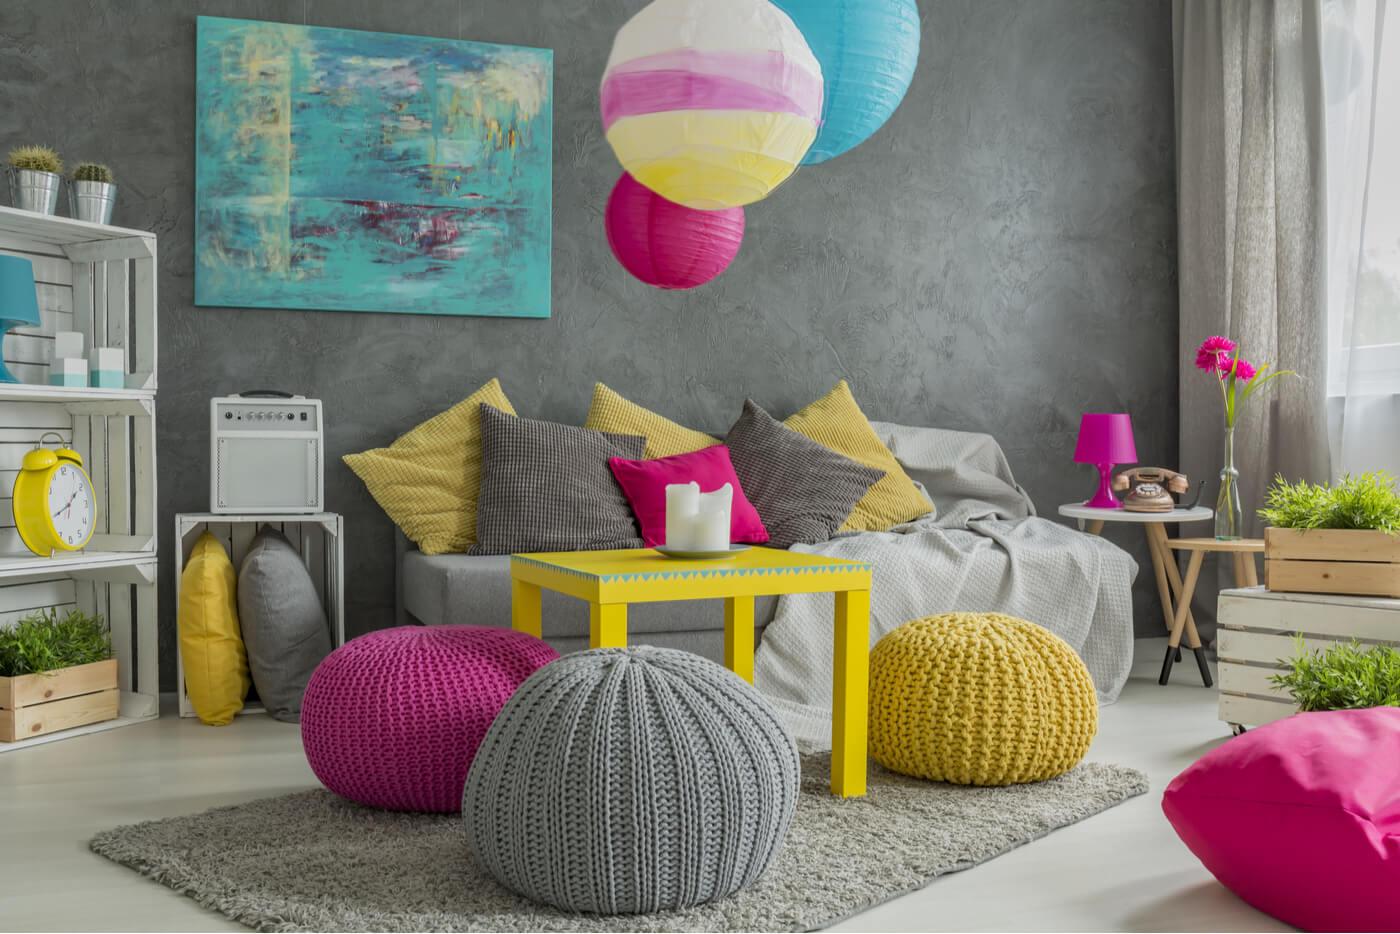 Decora con muebles de colores sin temor a equivocarte